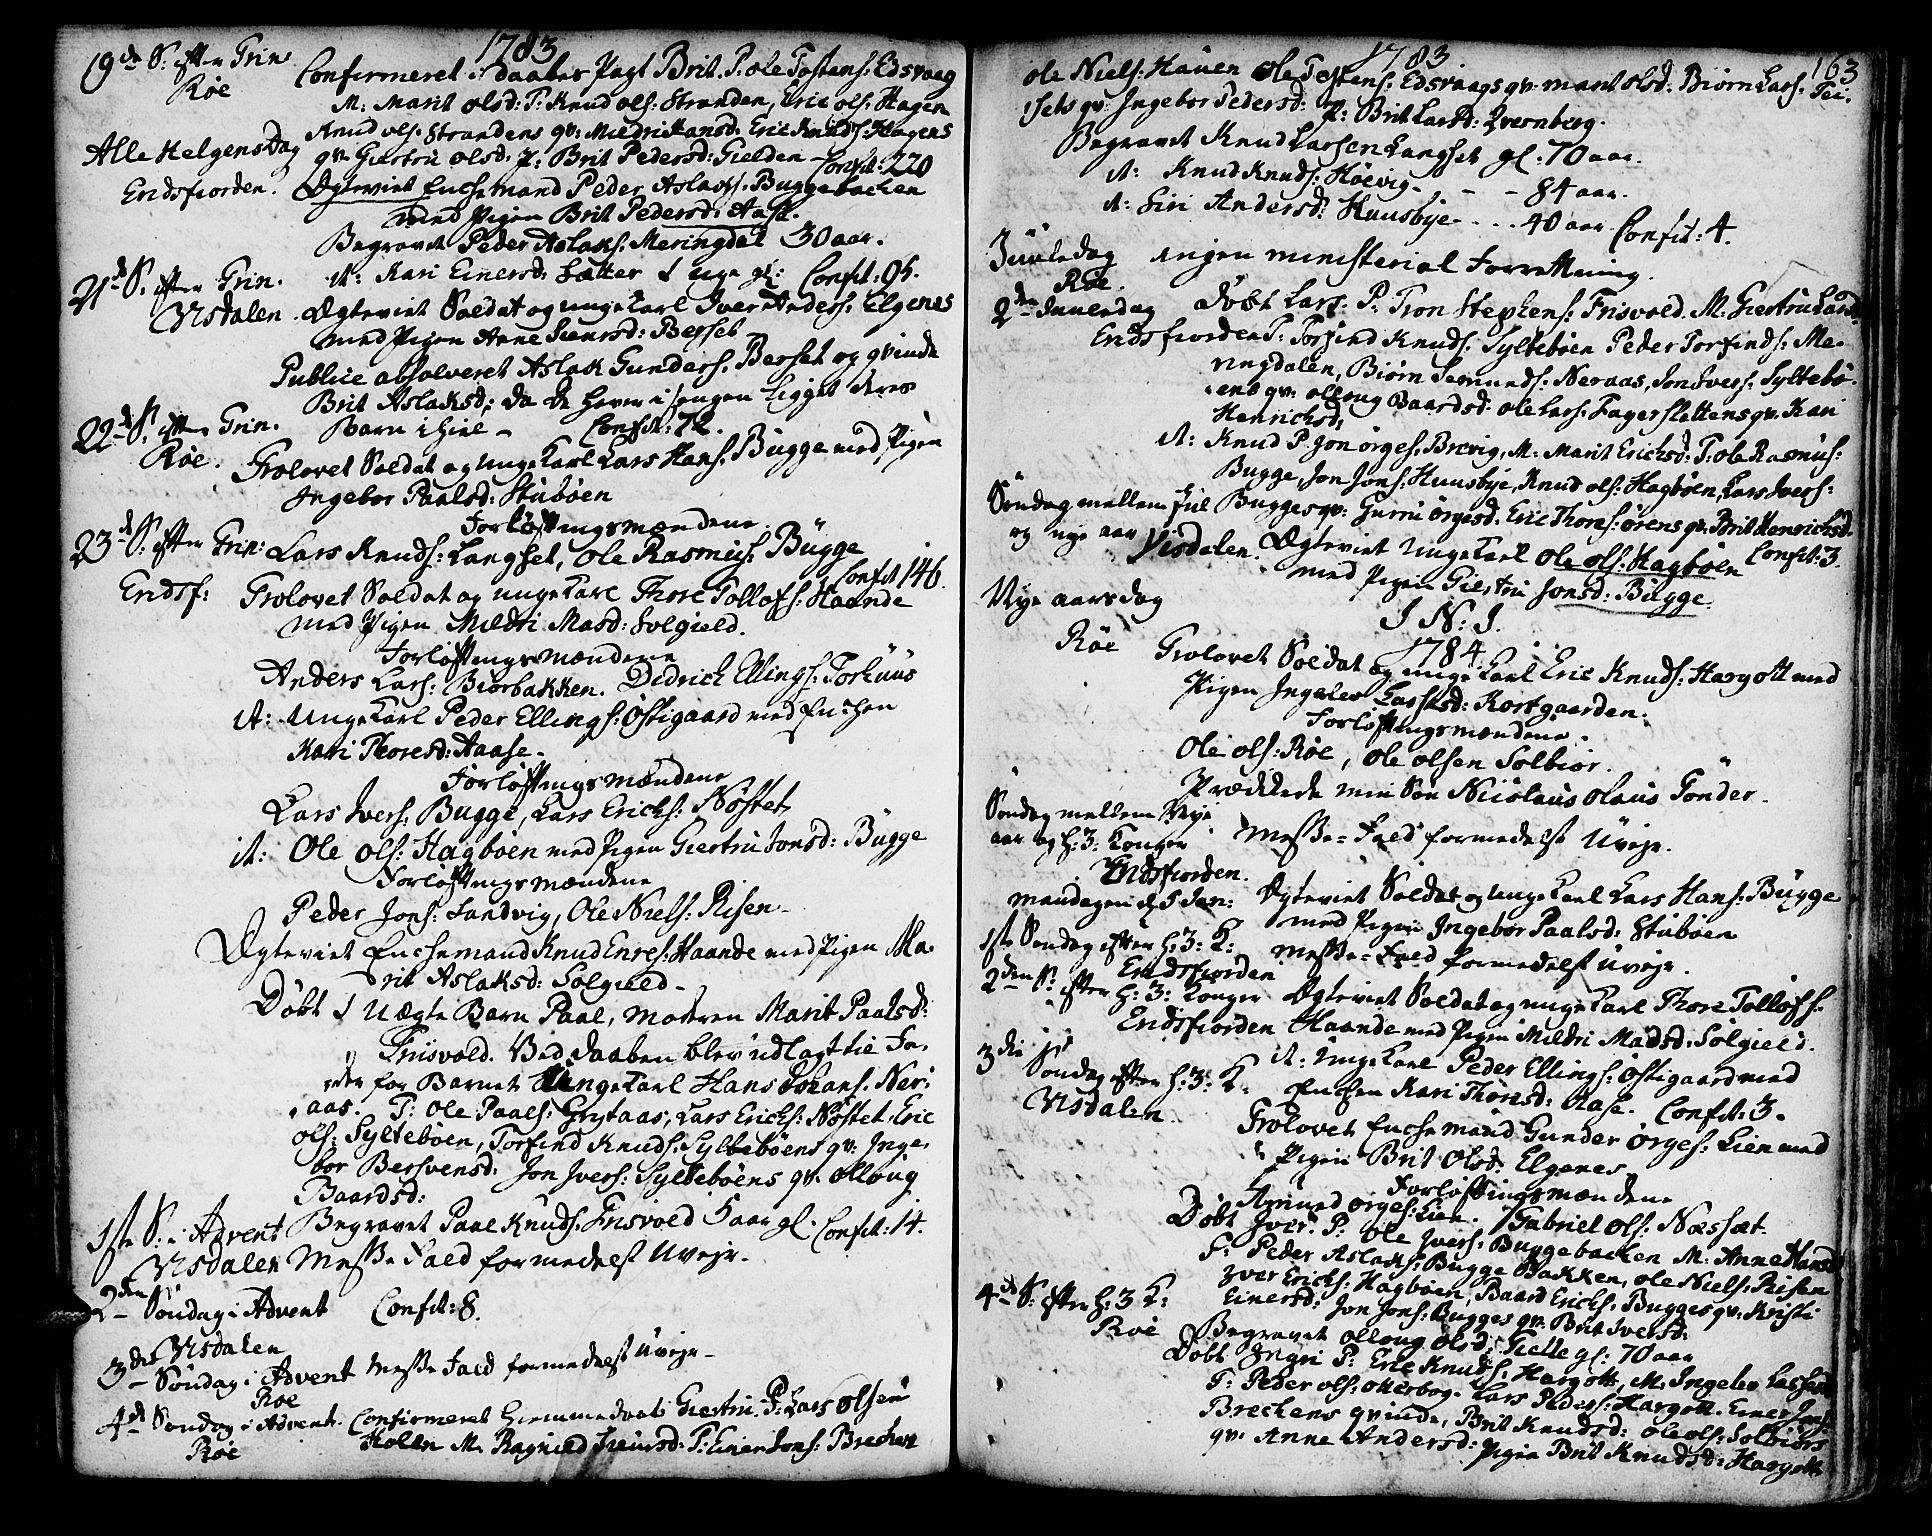 SAT, Ministerialprotokoller, klokkerbøker og fødselsregistre - Møre og Romsdal, 551/L0621: Ministerialbok nr. 551A01, 1757-1803, s. 163